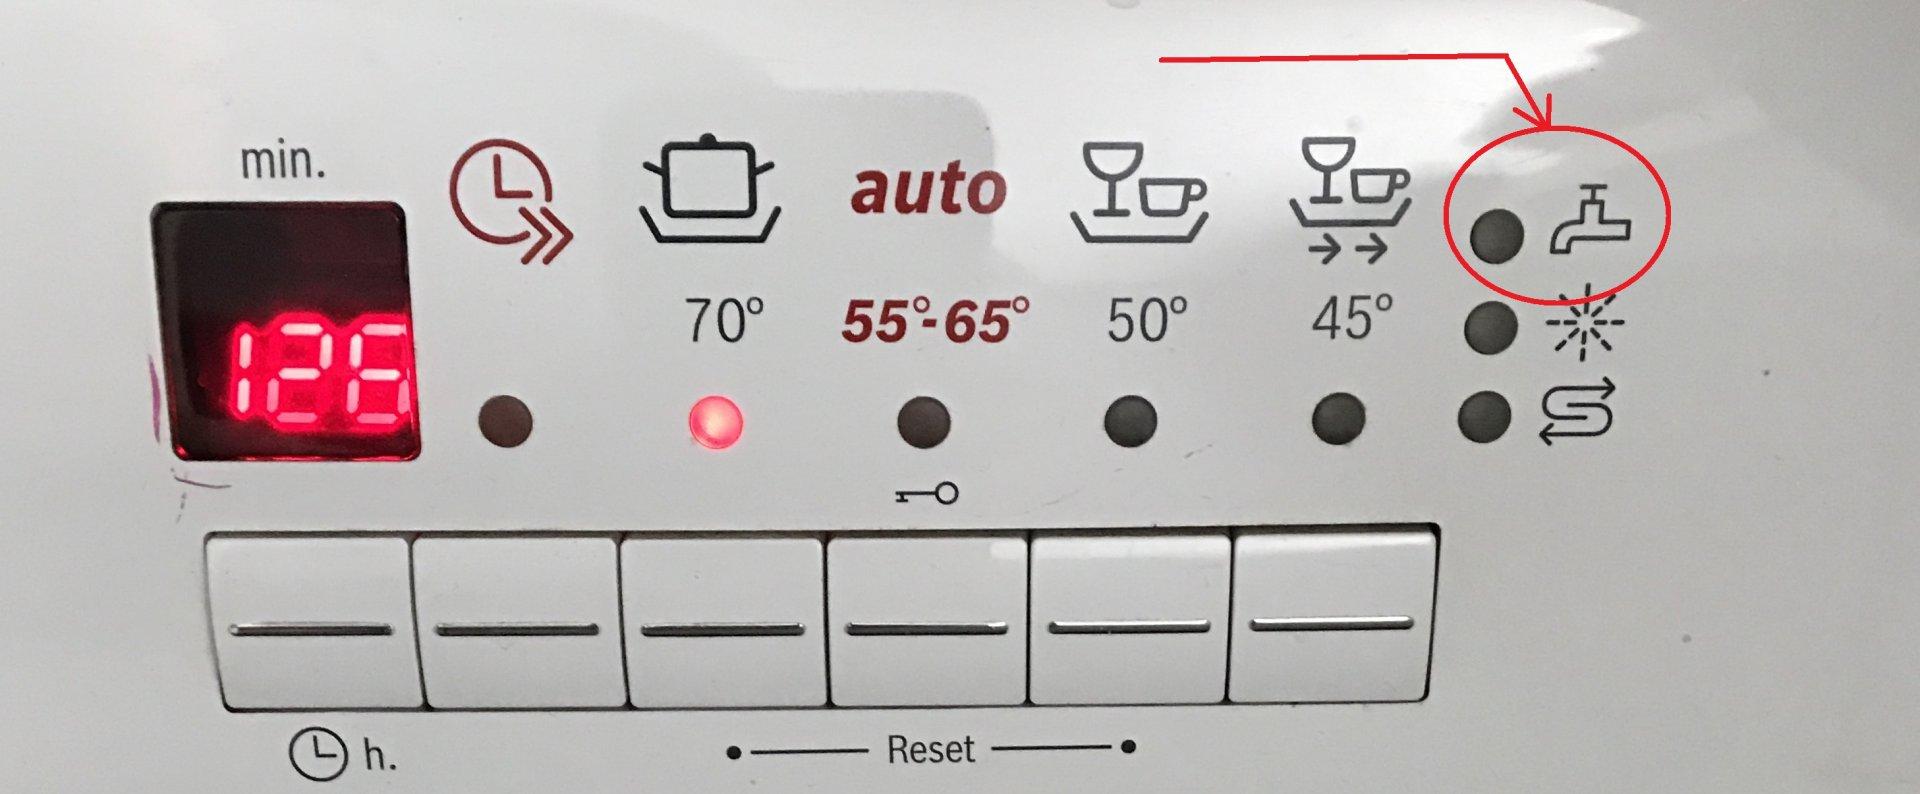 Häufig Bosch Geschirrspüler funktioniert nicht HO43